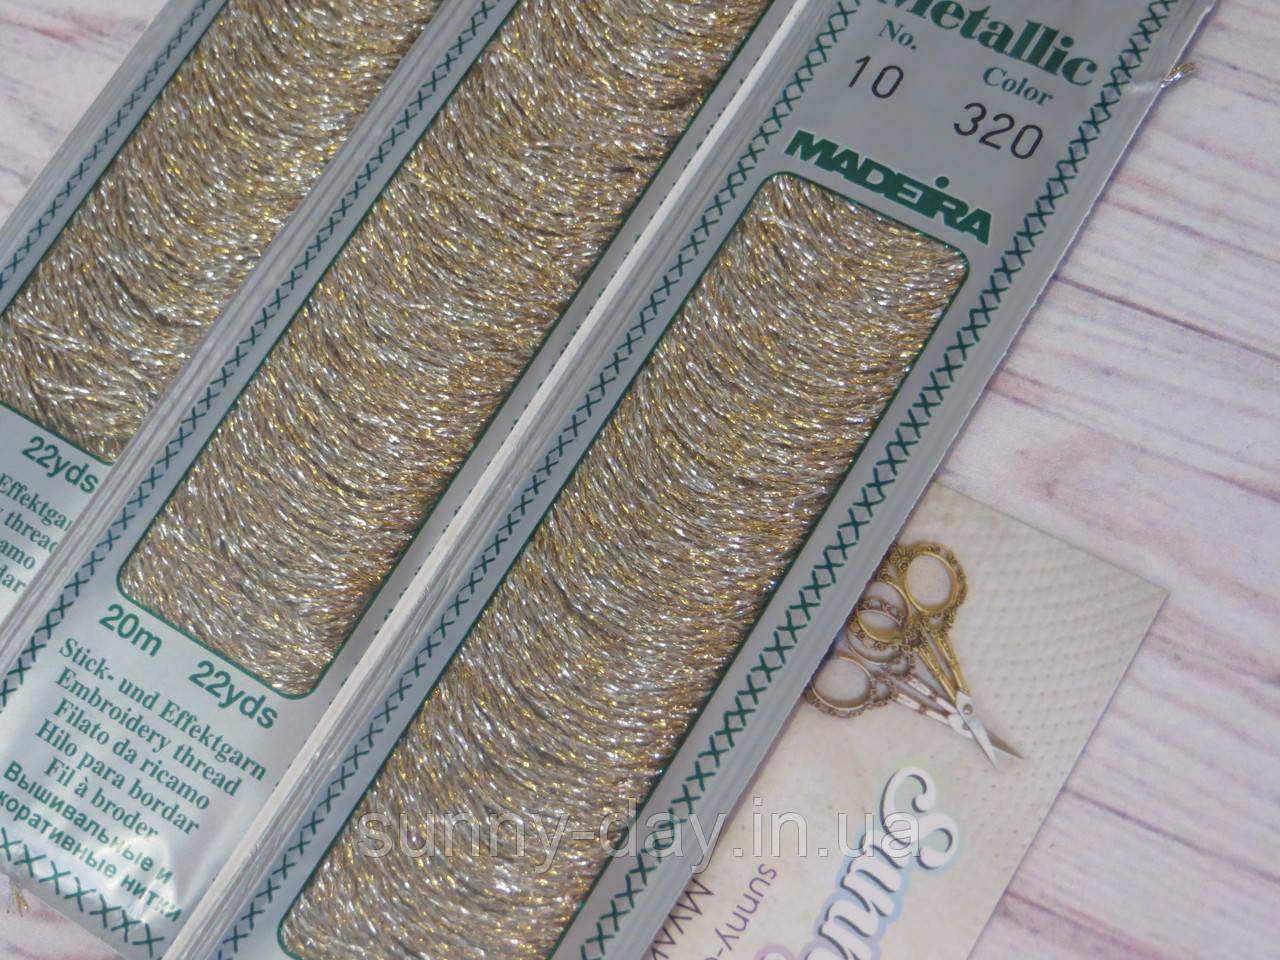 Madeira Metallic Perle №10 , цвет 320